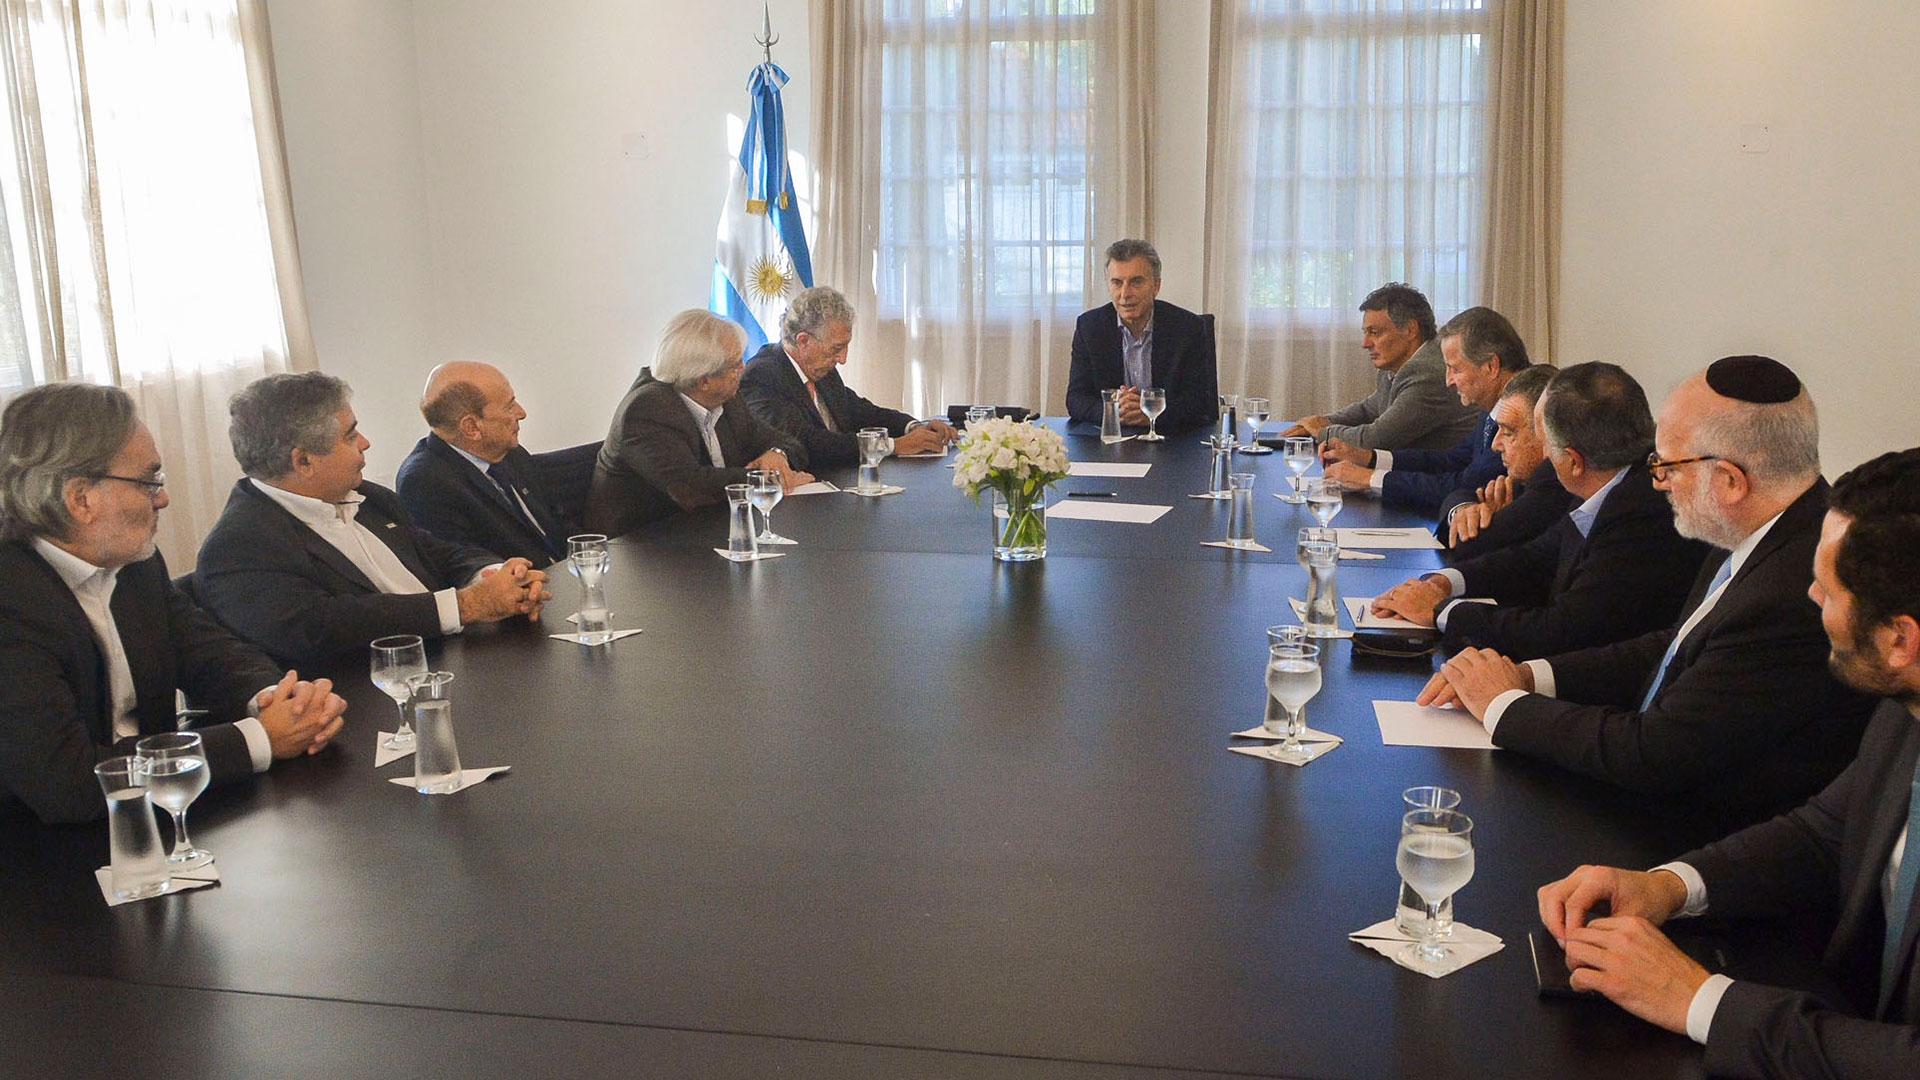 Macri en la reunión de ayer con empresarios (Télam)